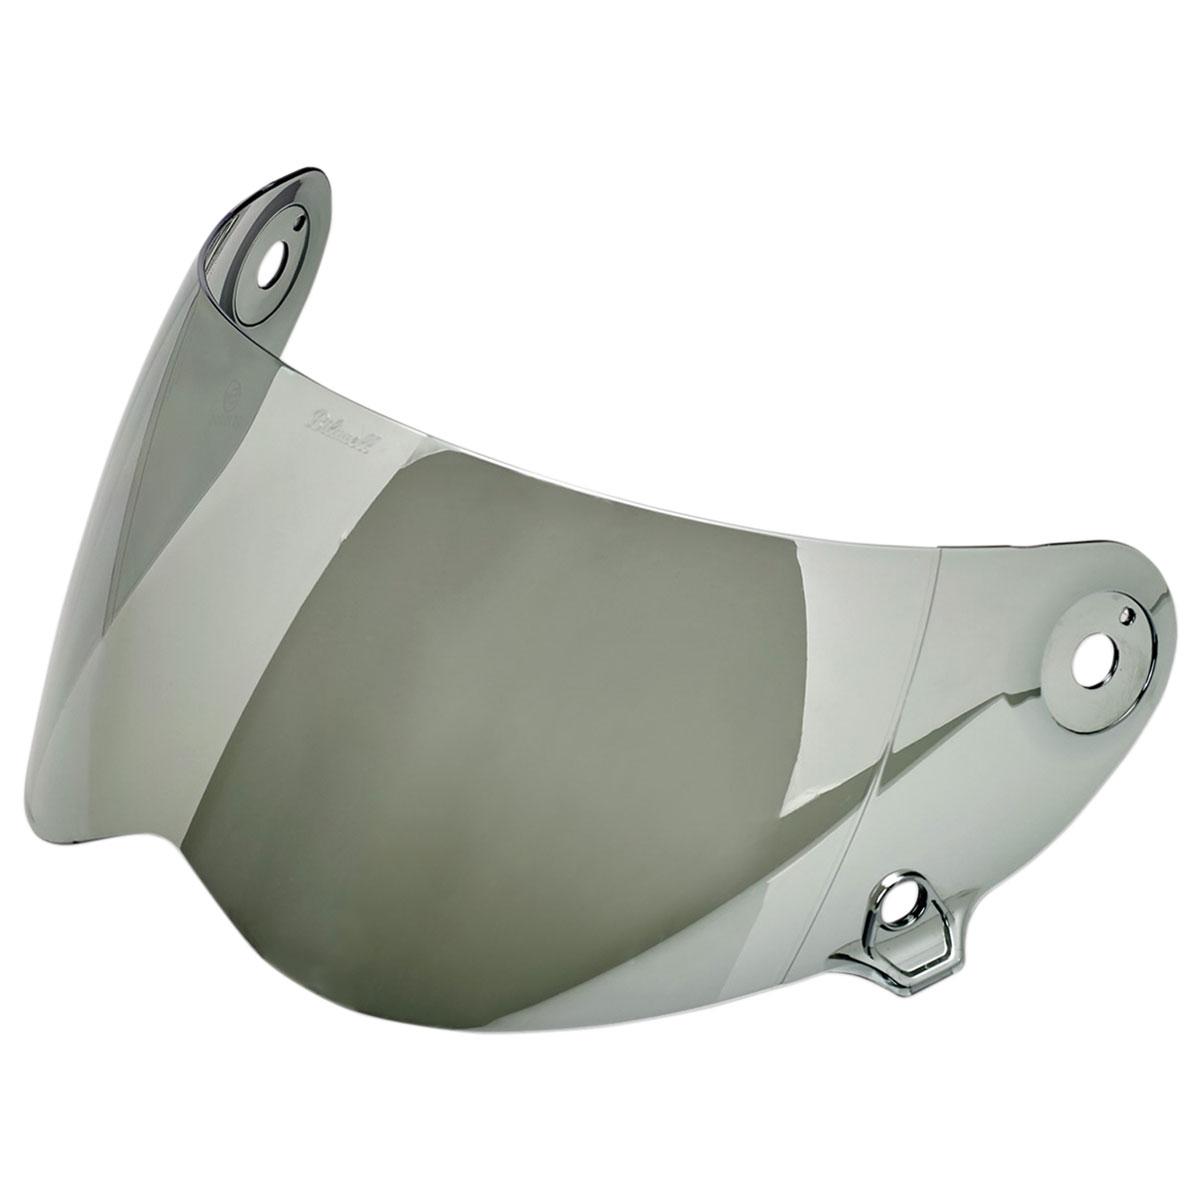 Biltwell Inc. Lane splitter Mirrored Chrome Antifog Face Shield